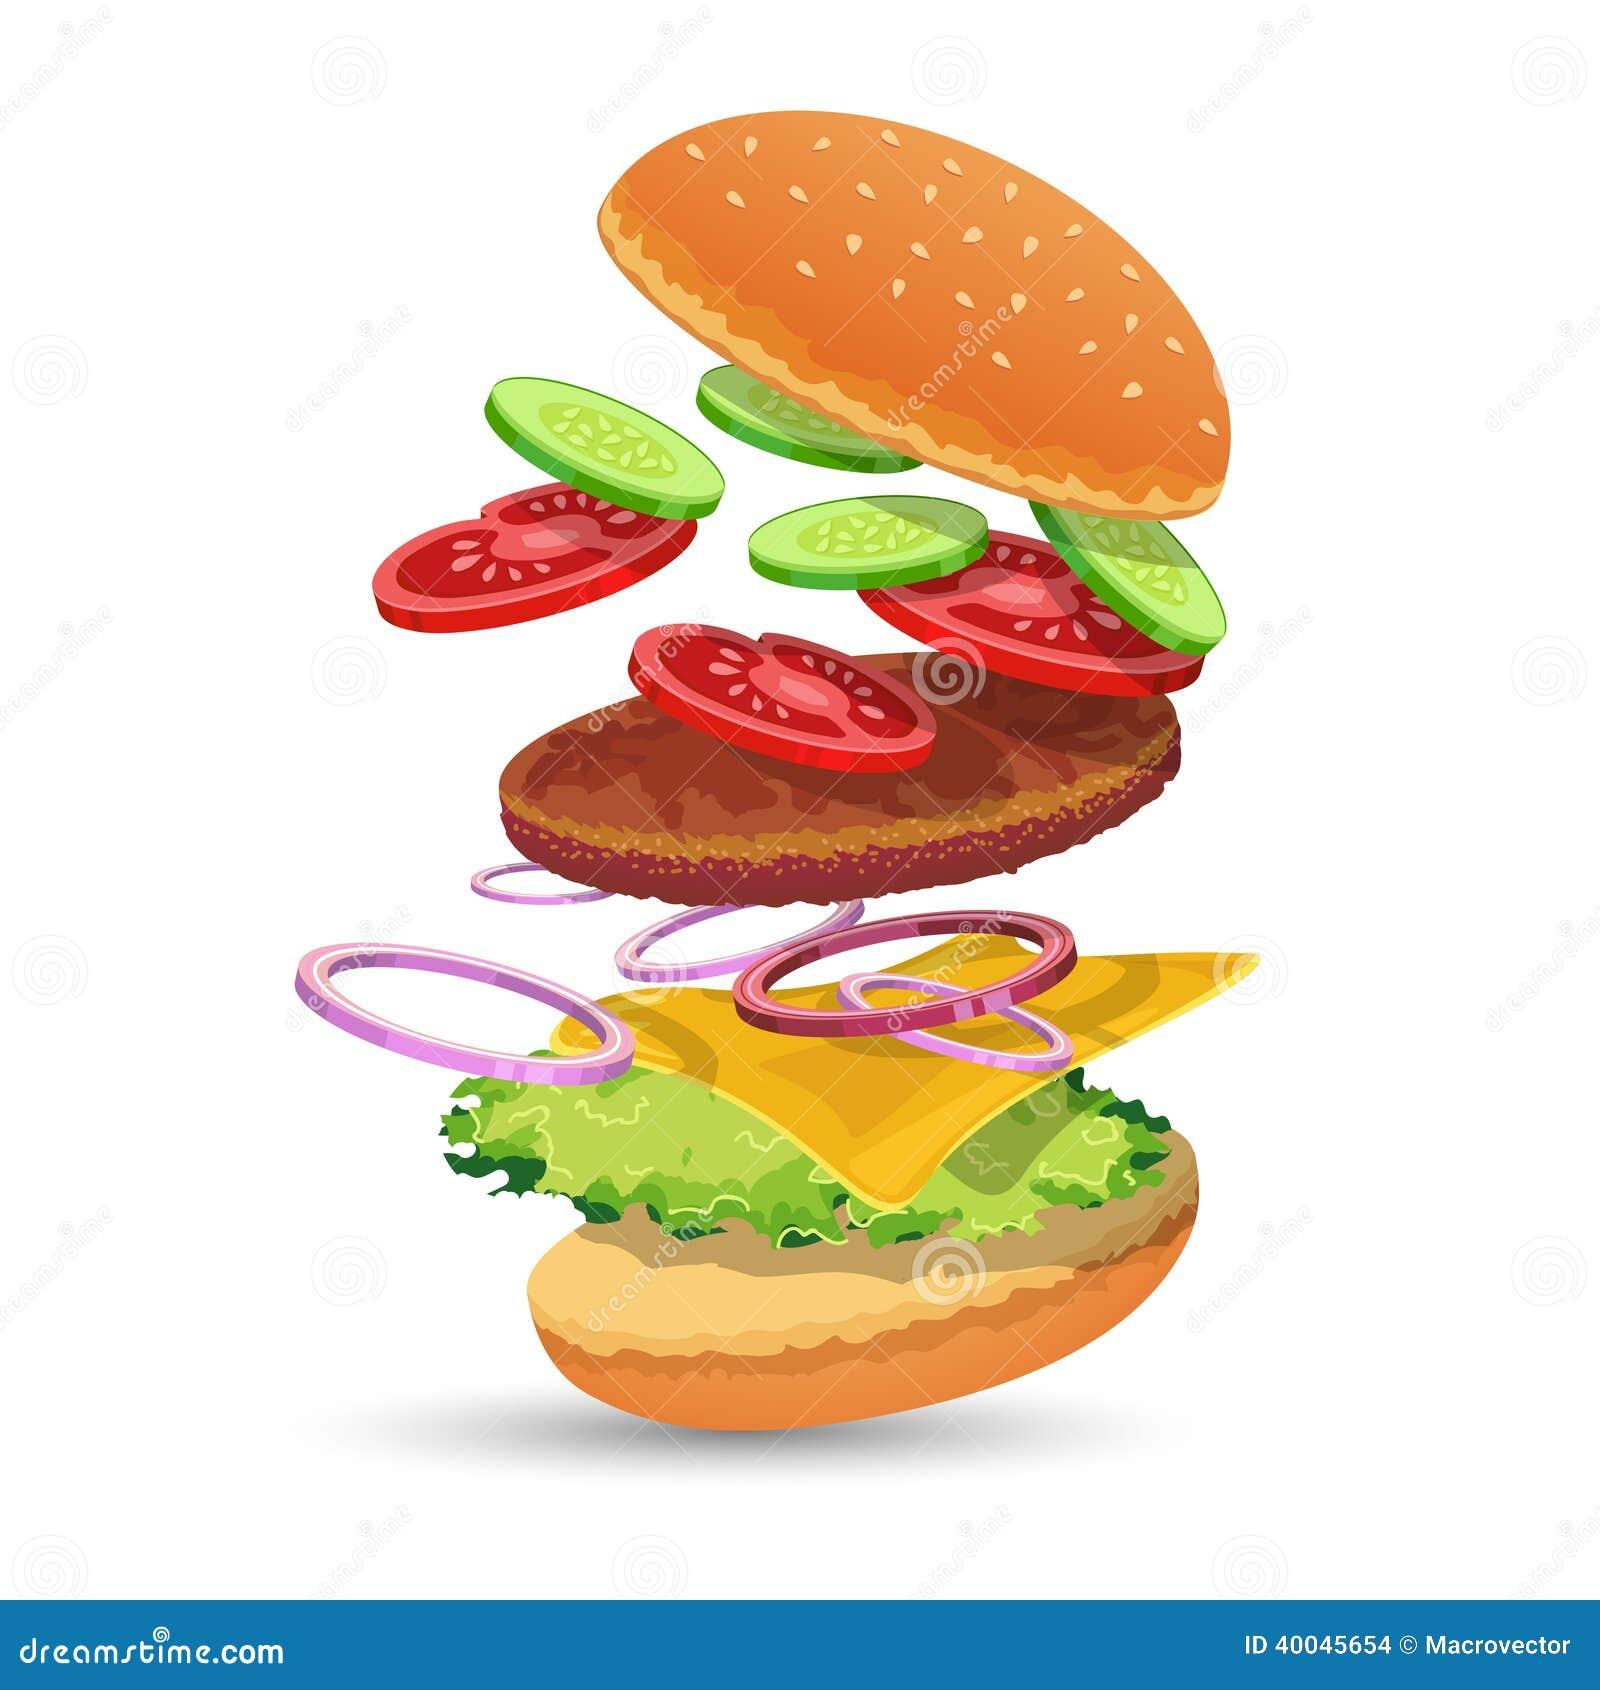 Fast Food Beef Ingredients